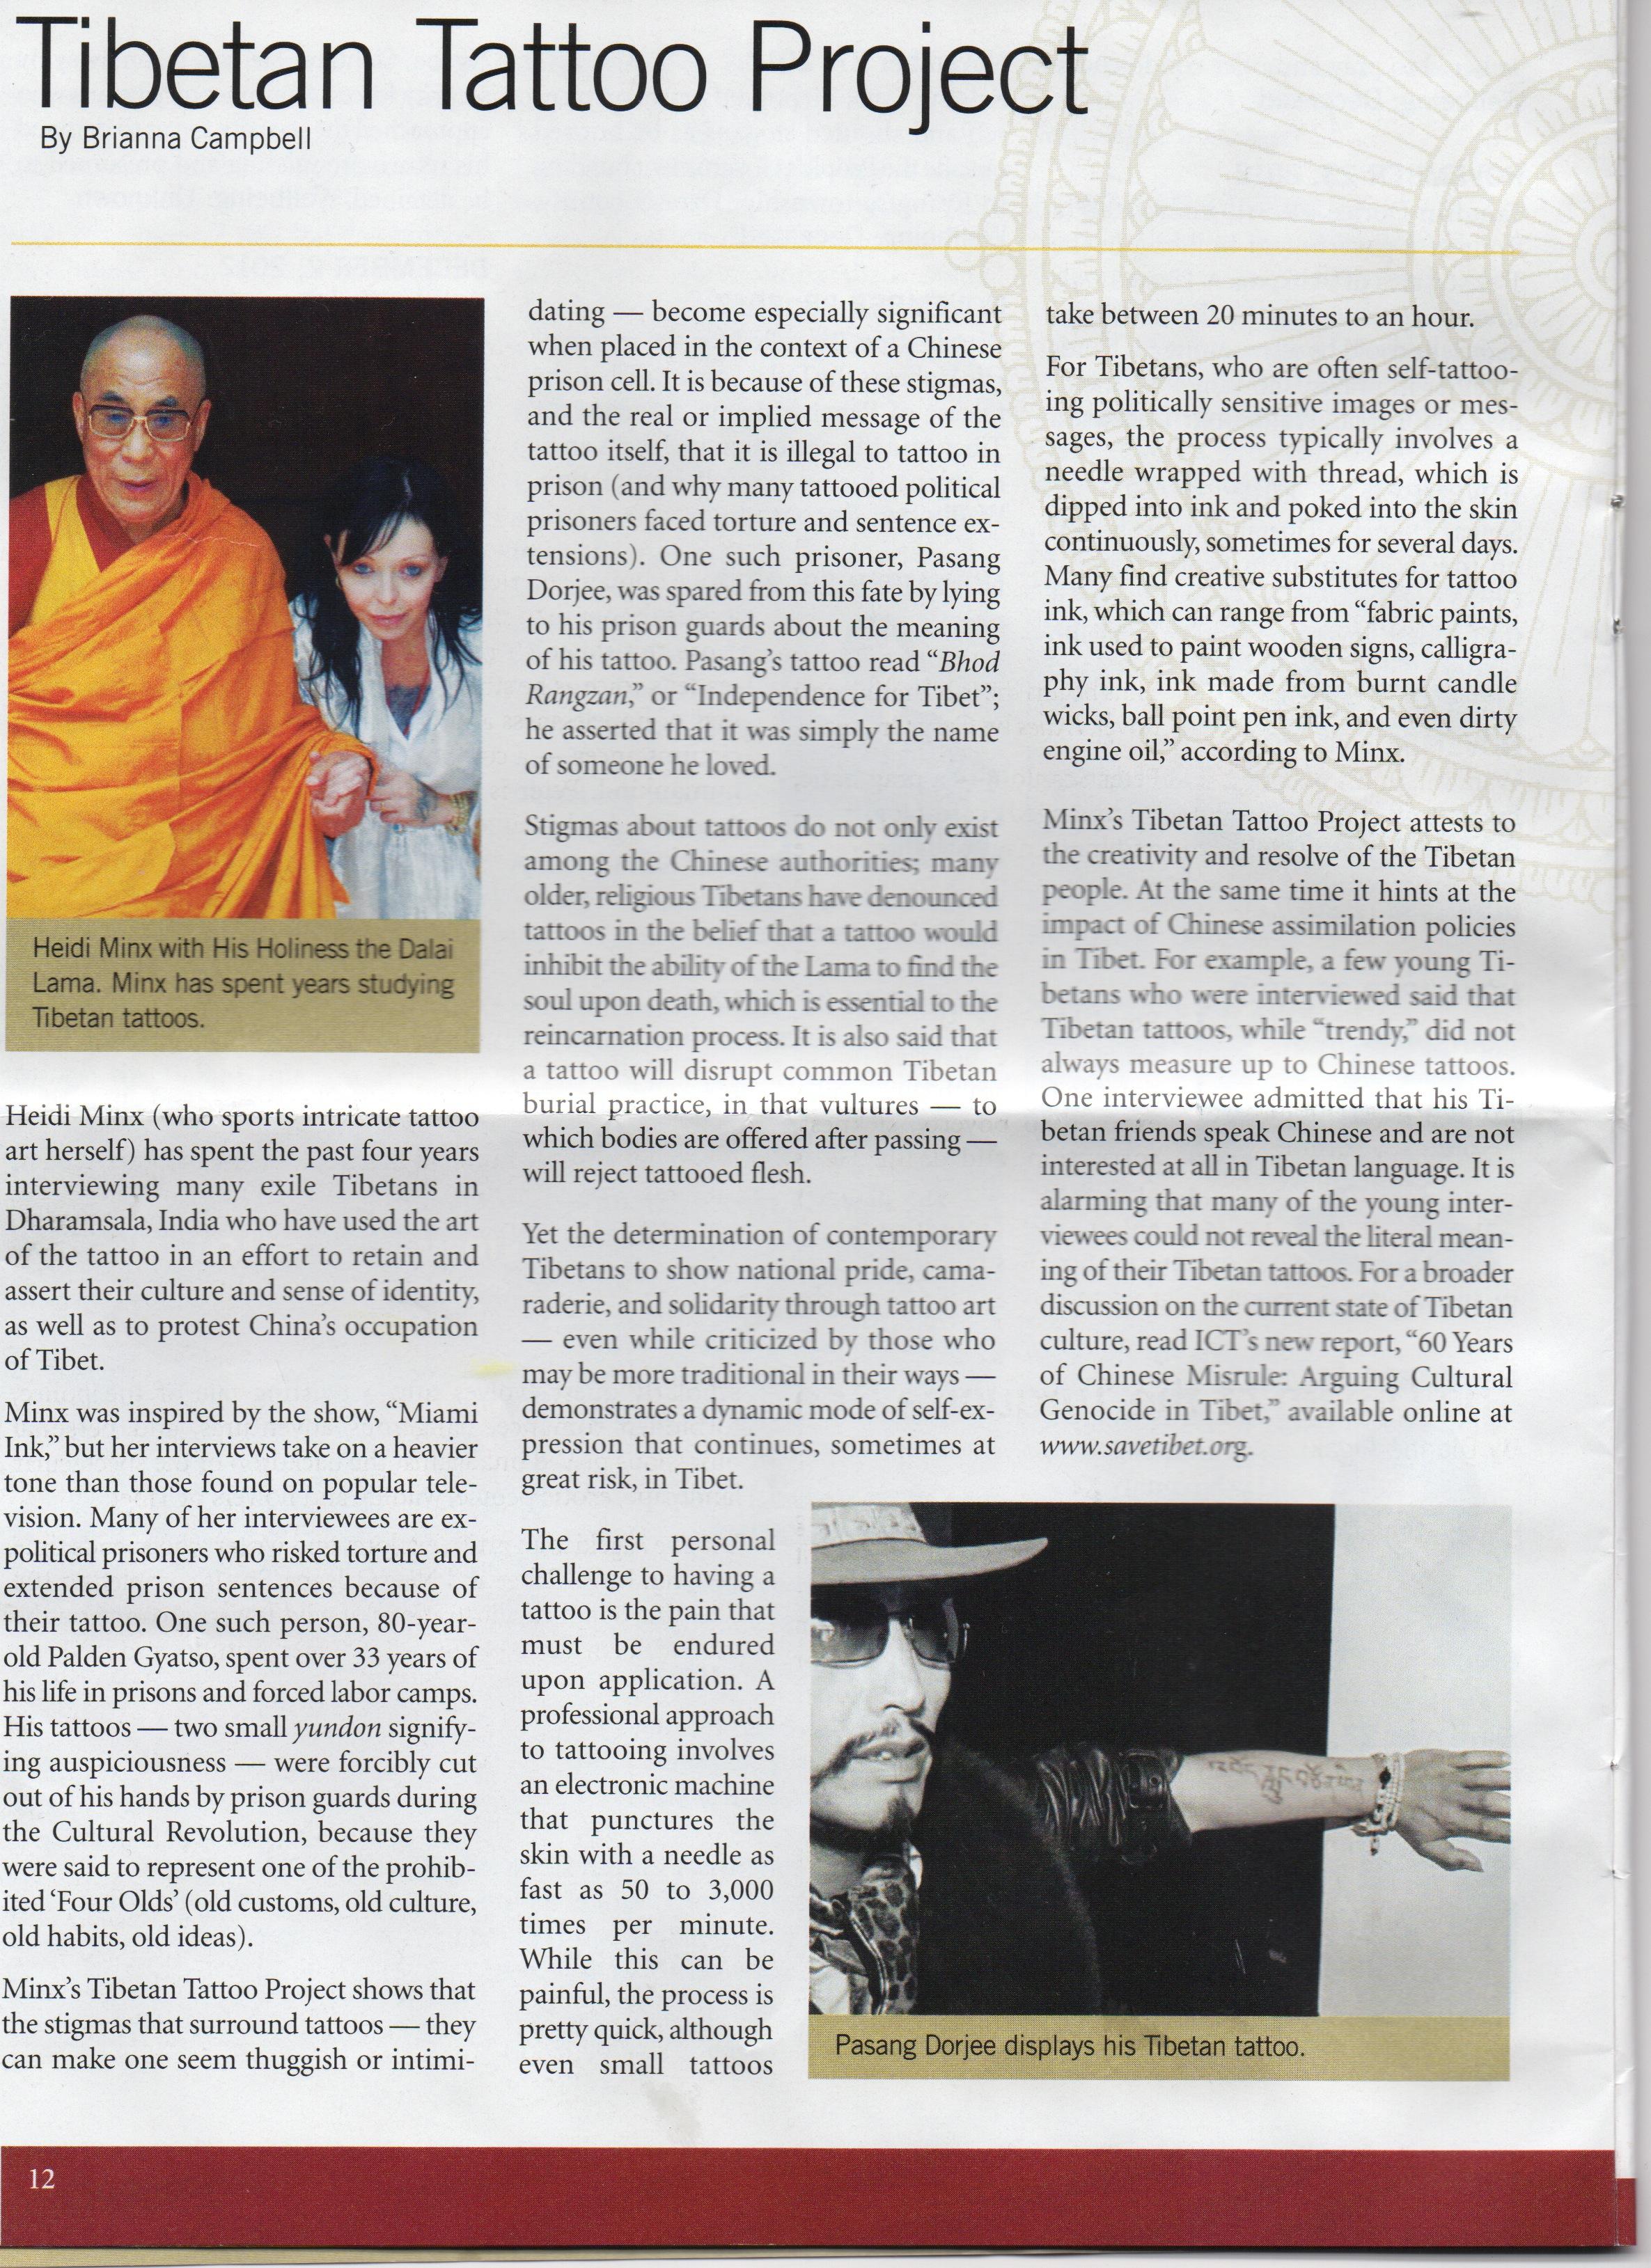 Tibet Press Watch (ICT) 1/13